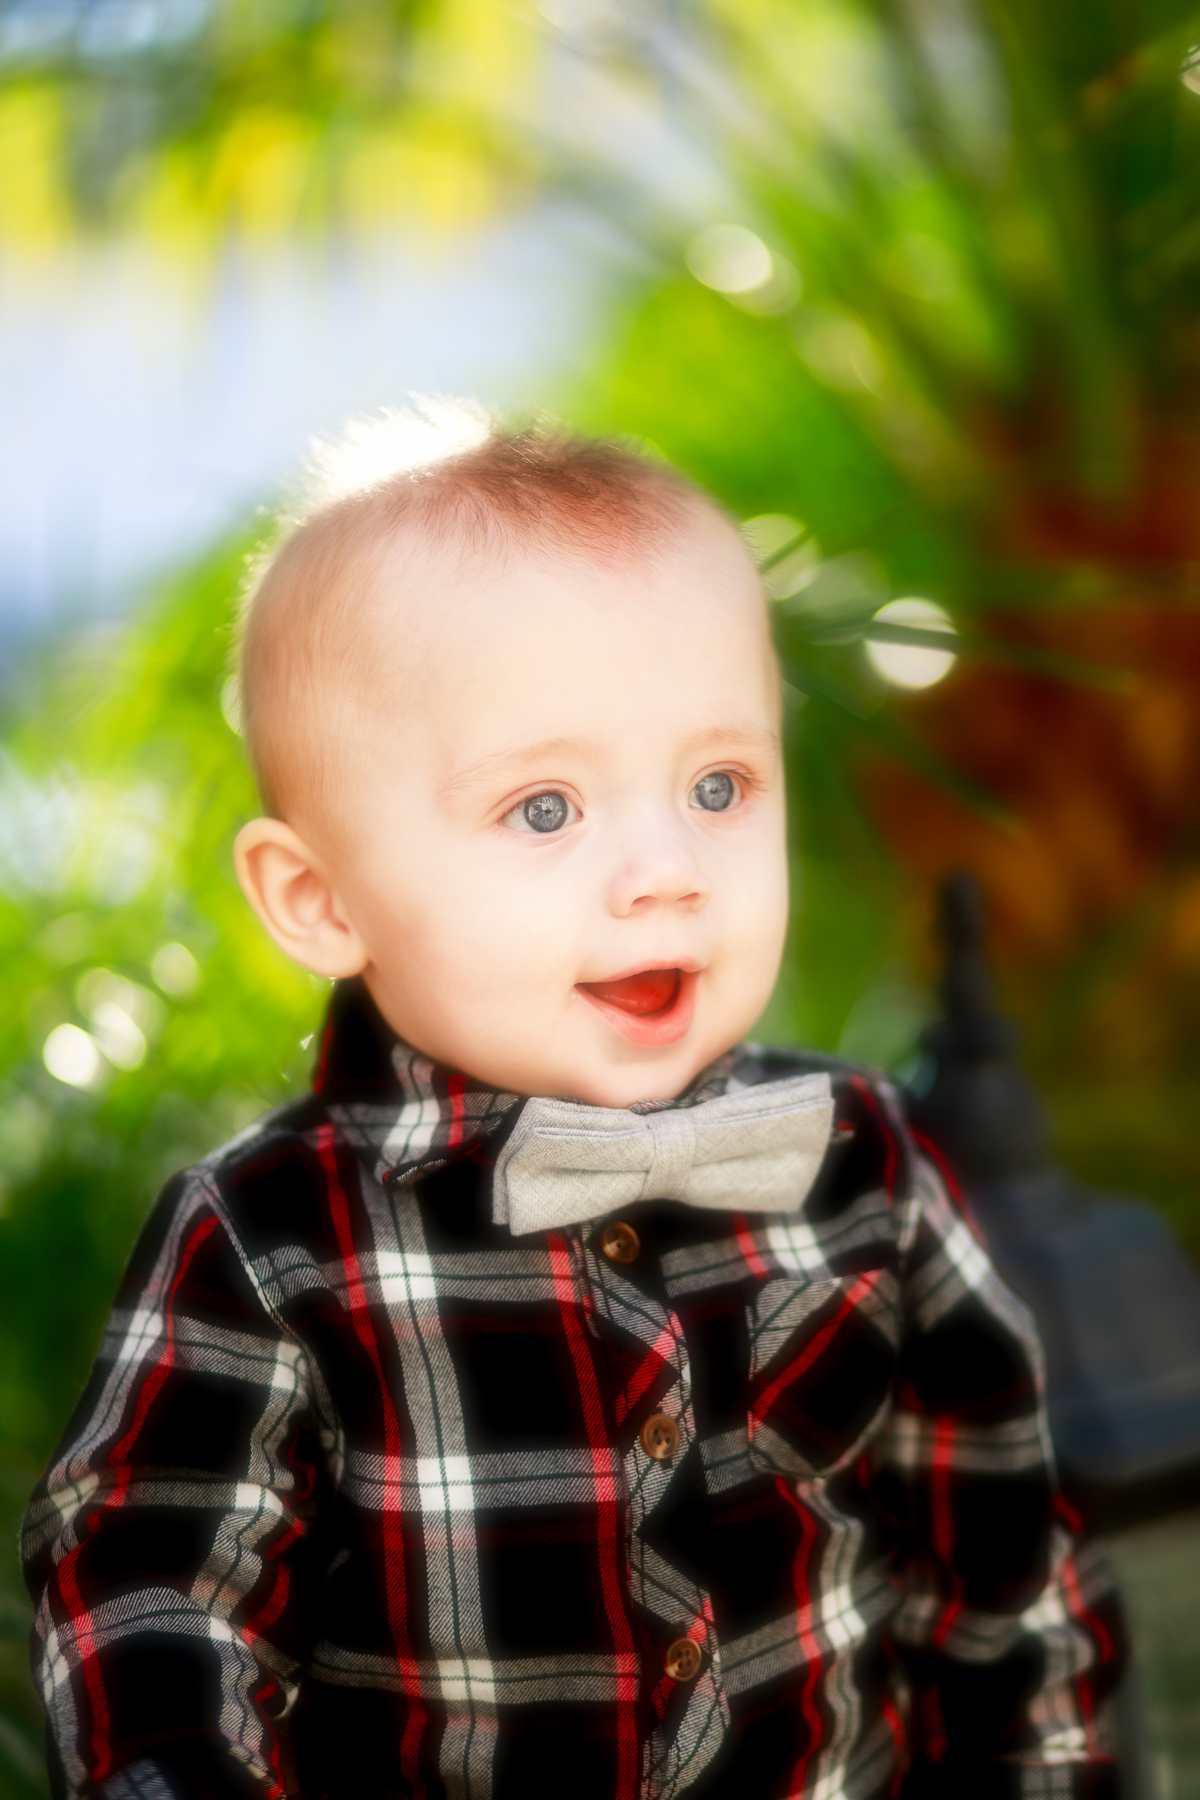 Baby looking super cute!